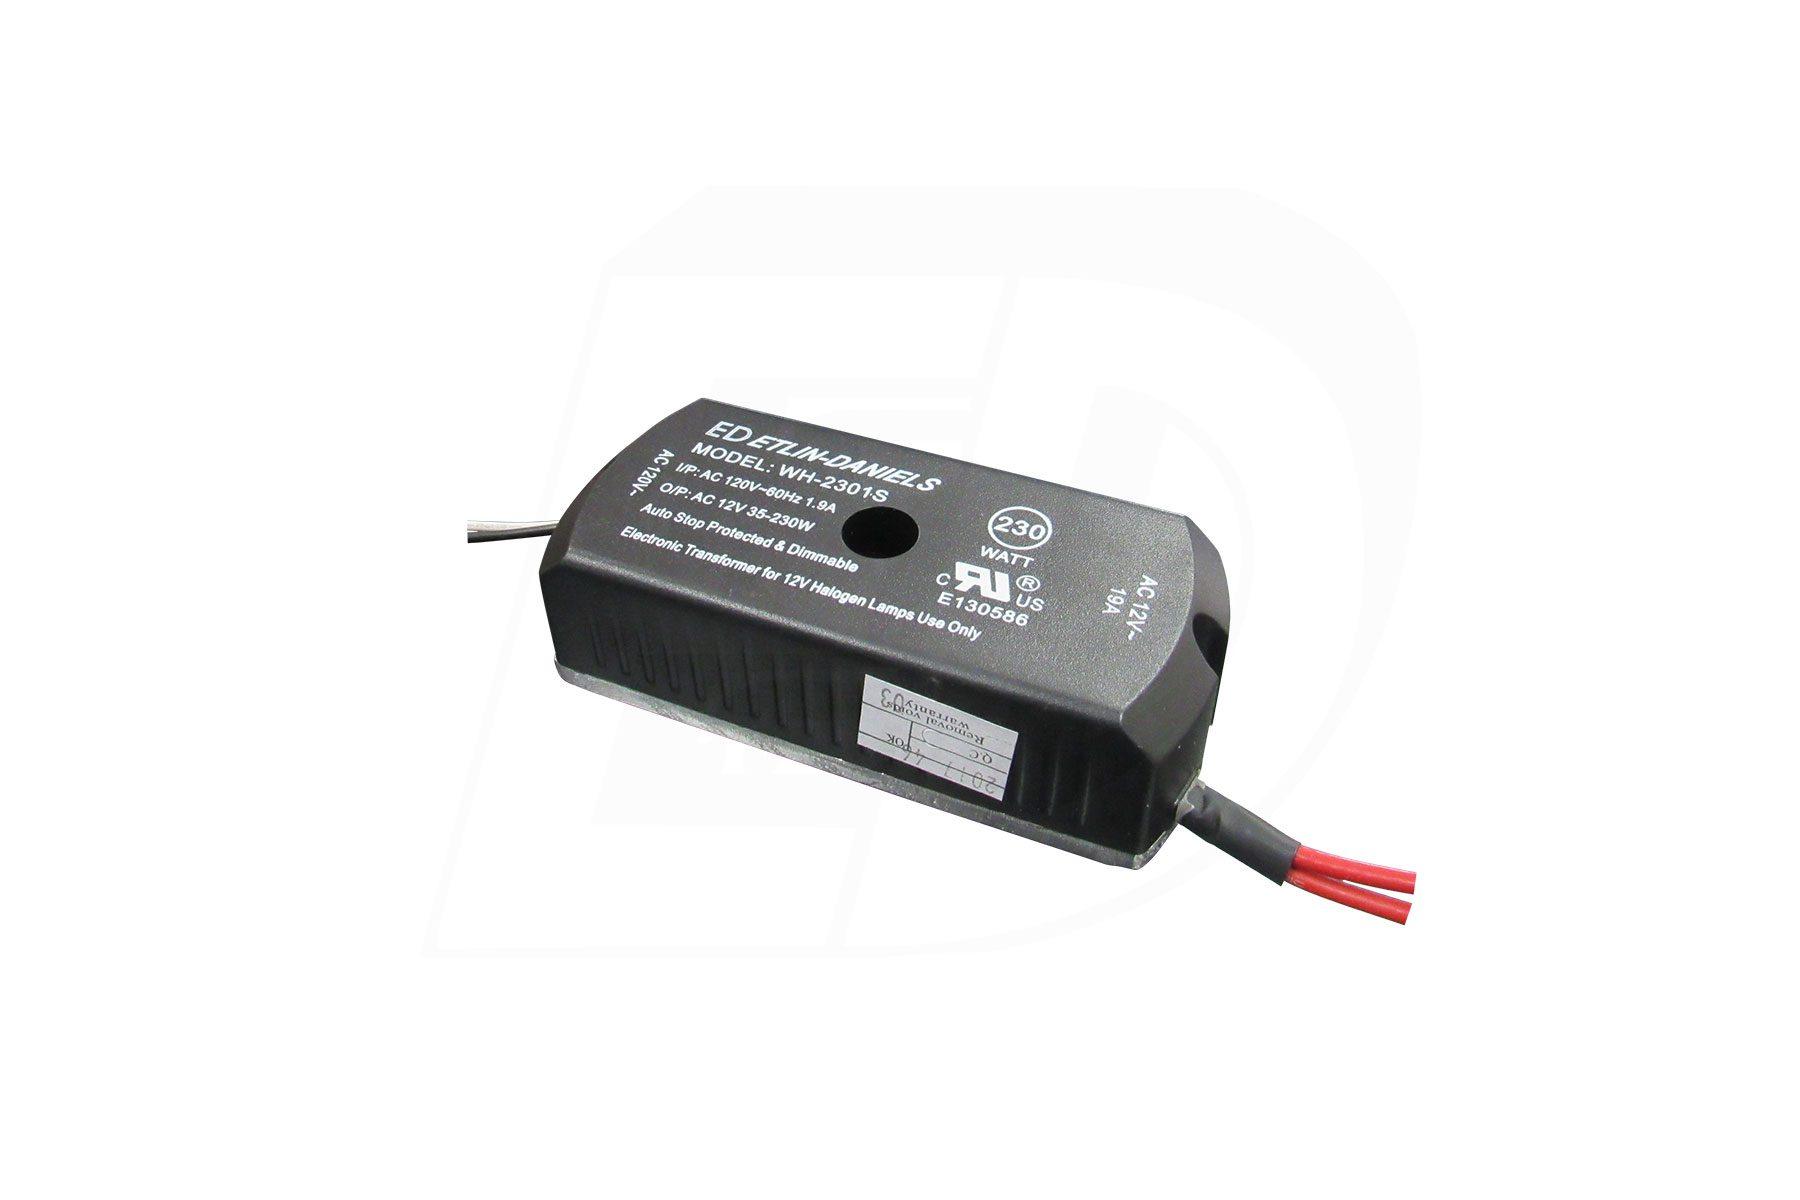 Et 60 1 F C Etlin Daniels Soft Start For 12 Volt Halogen Lamps Wh 2301e6a